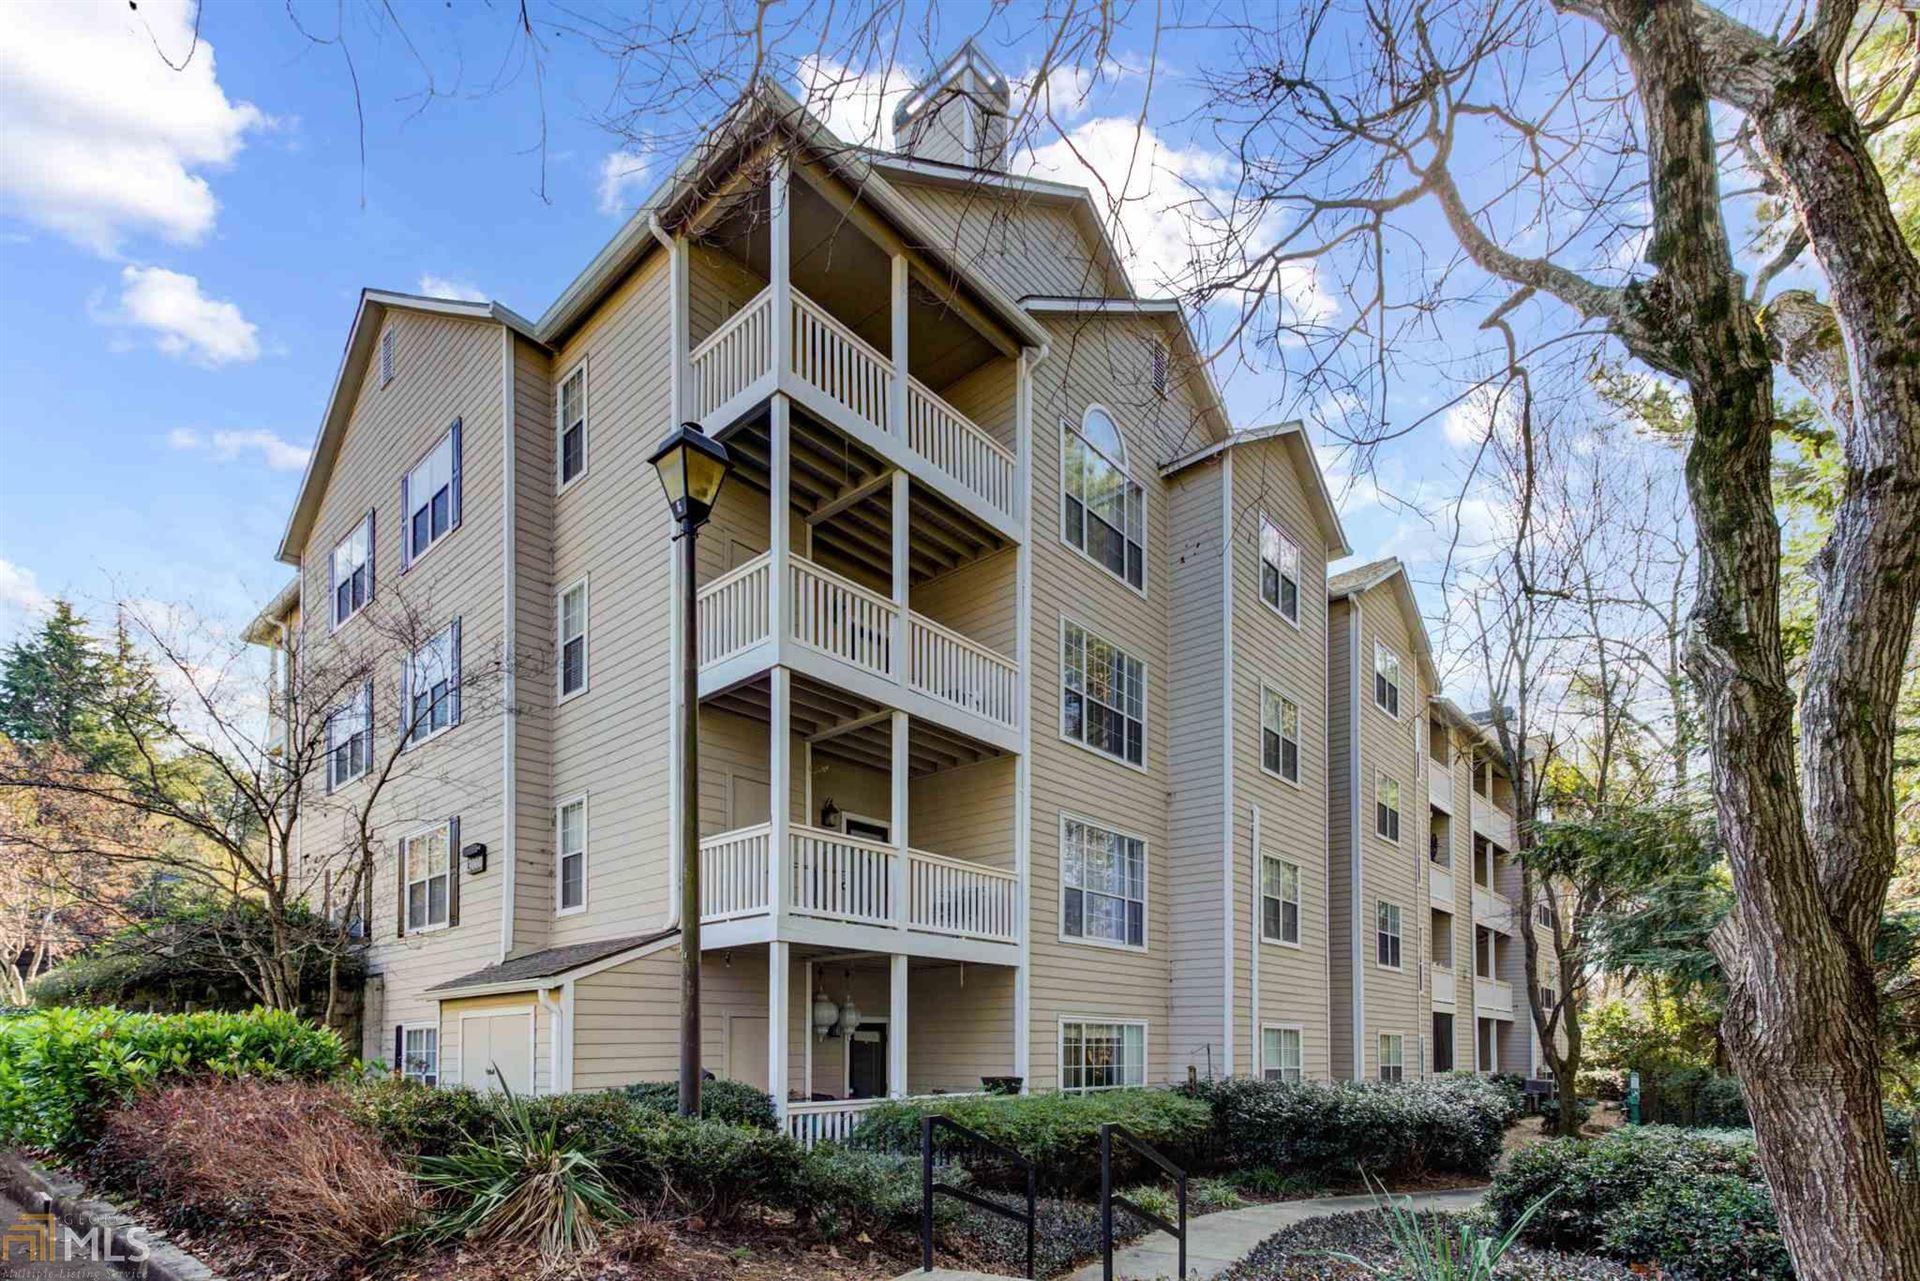 1250 Parkwood Cir, Atlanta, GA 30339 - MLS#: 8913212